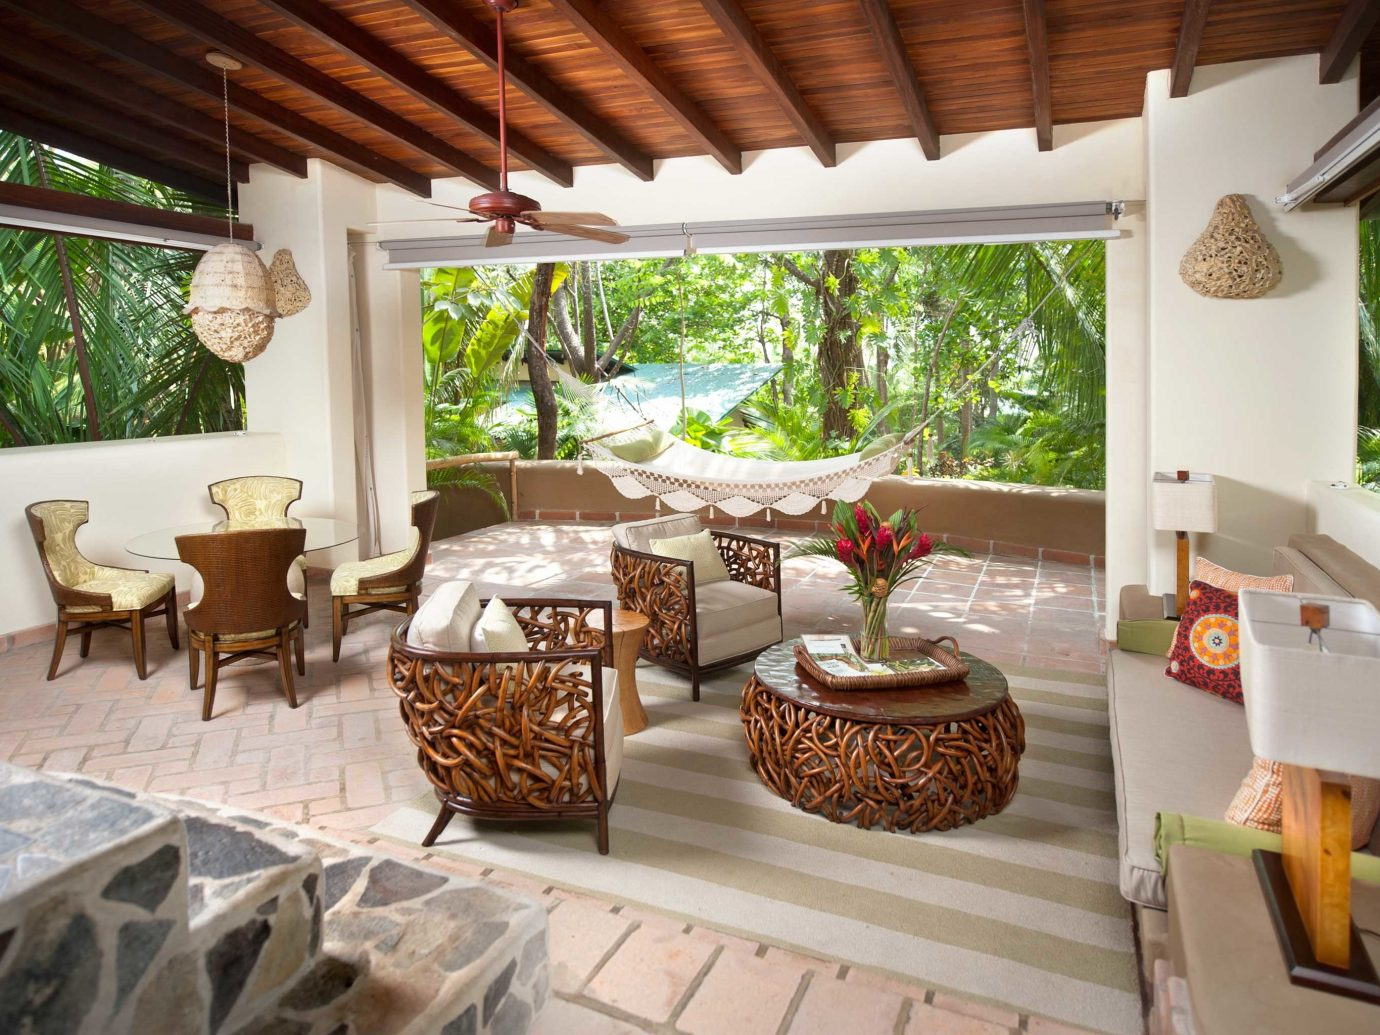 Hotel Punta Islita In Province Of Guanacasta In Costa Rica